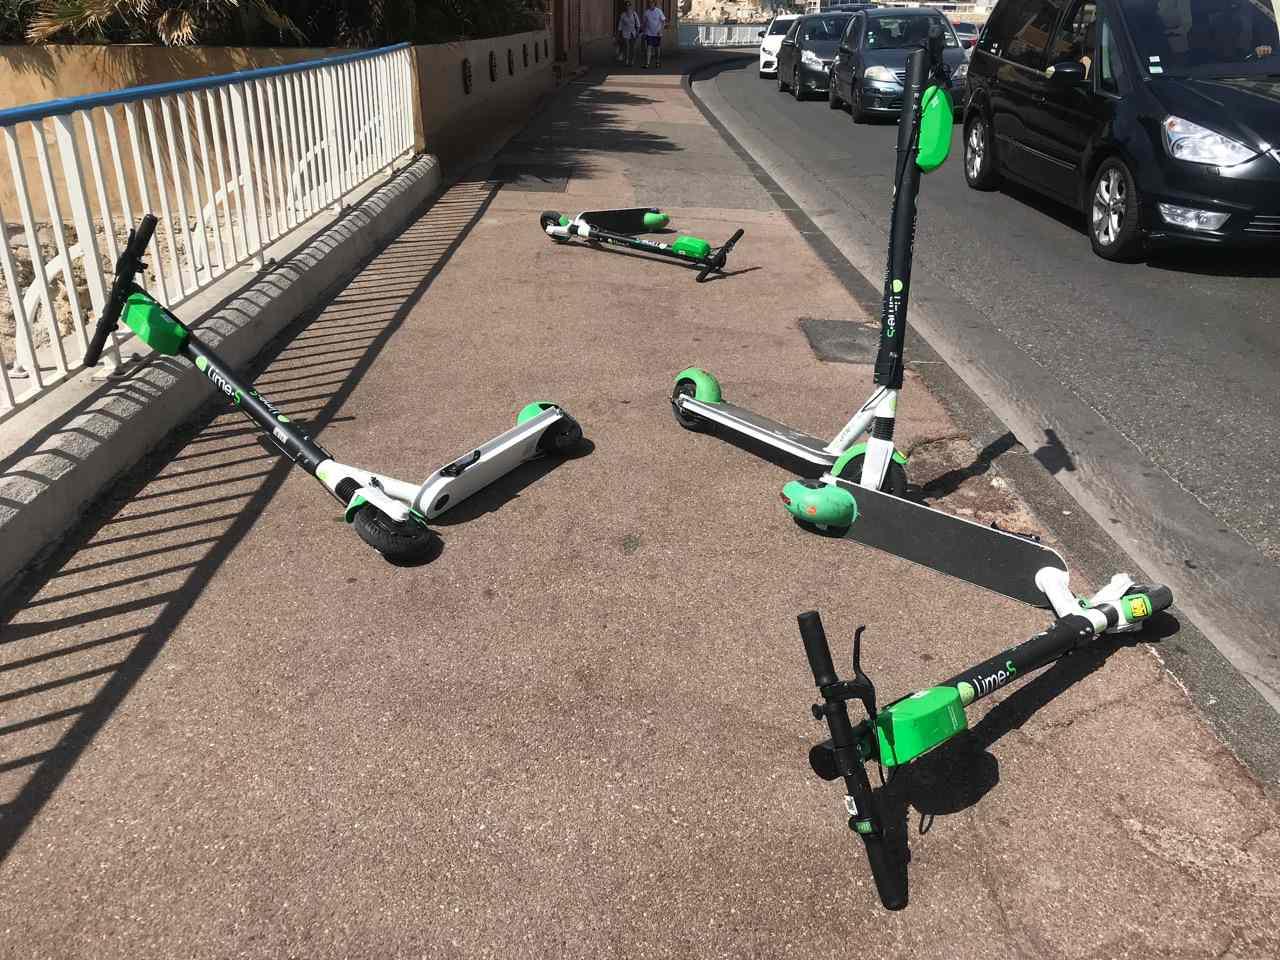 scooters on sidewalks